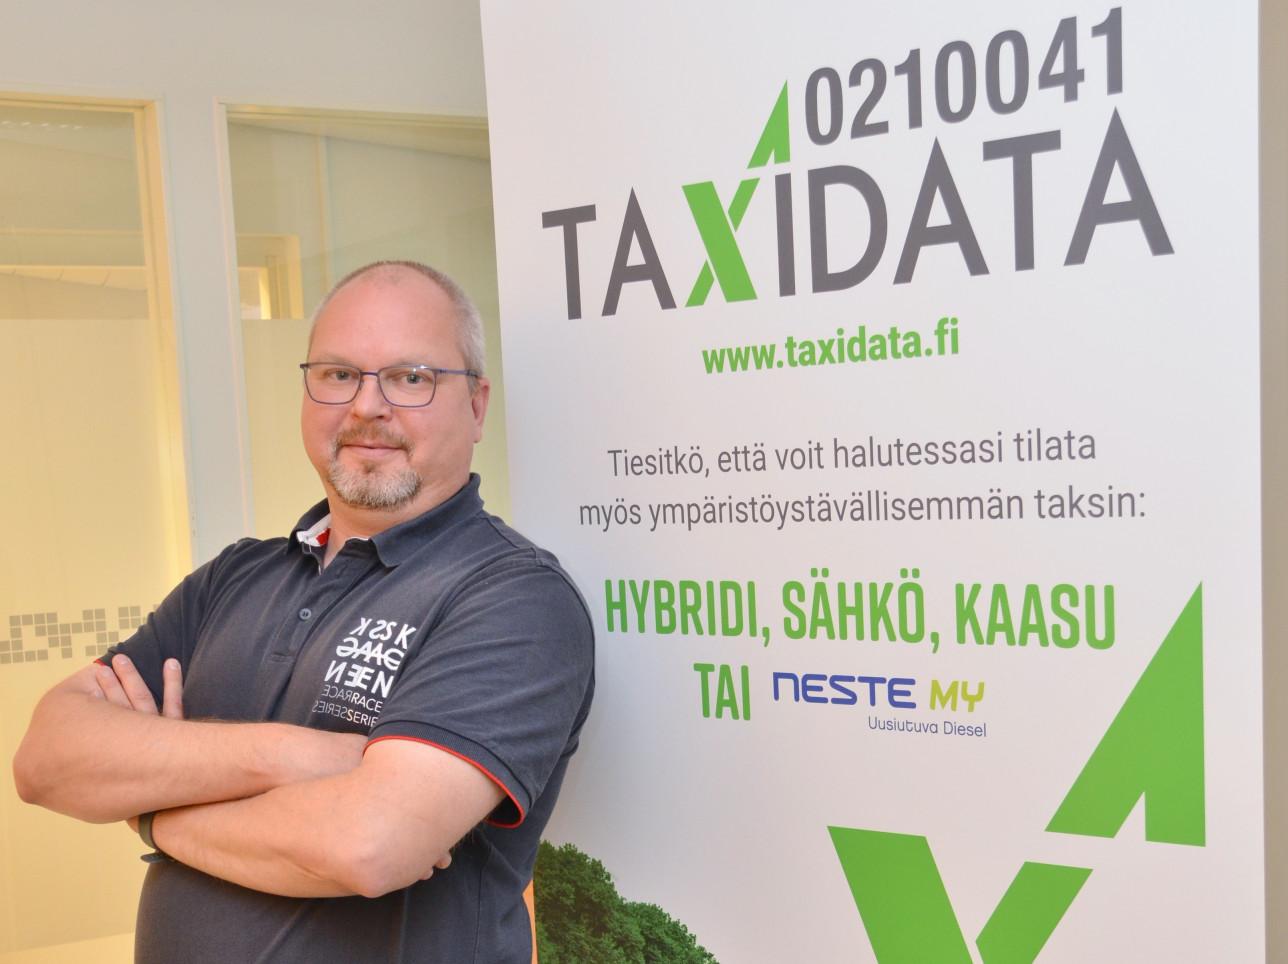 Lounais-Suomen Taxidata Oy:n toimitusjohtaja Tapani Ekuri